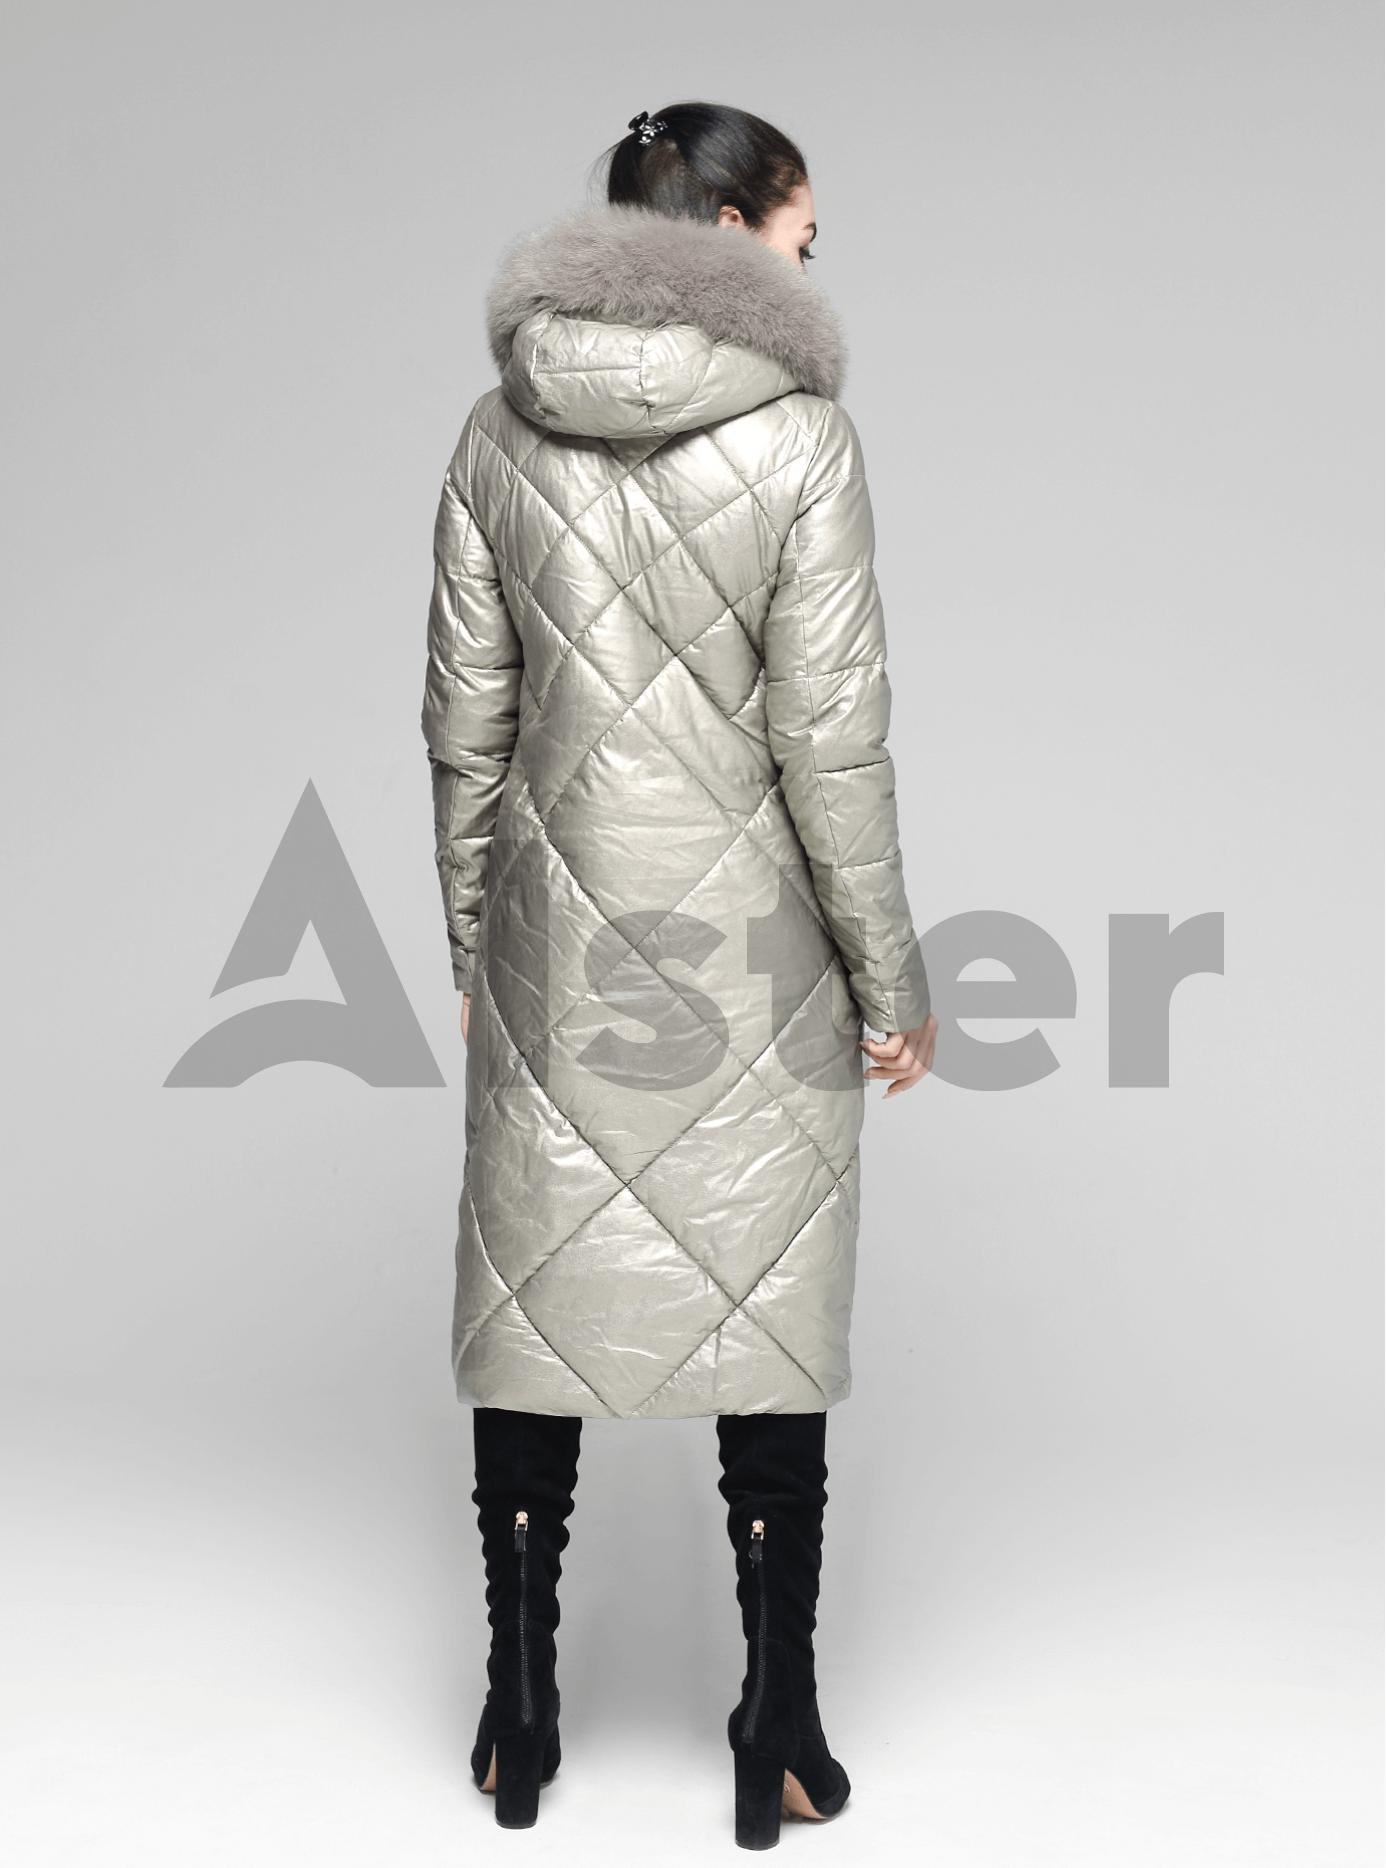 Куртка довга пряма з хутром песця на капюшоні Світло-срібний S (05-ZL2138): фото - Alster.ua